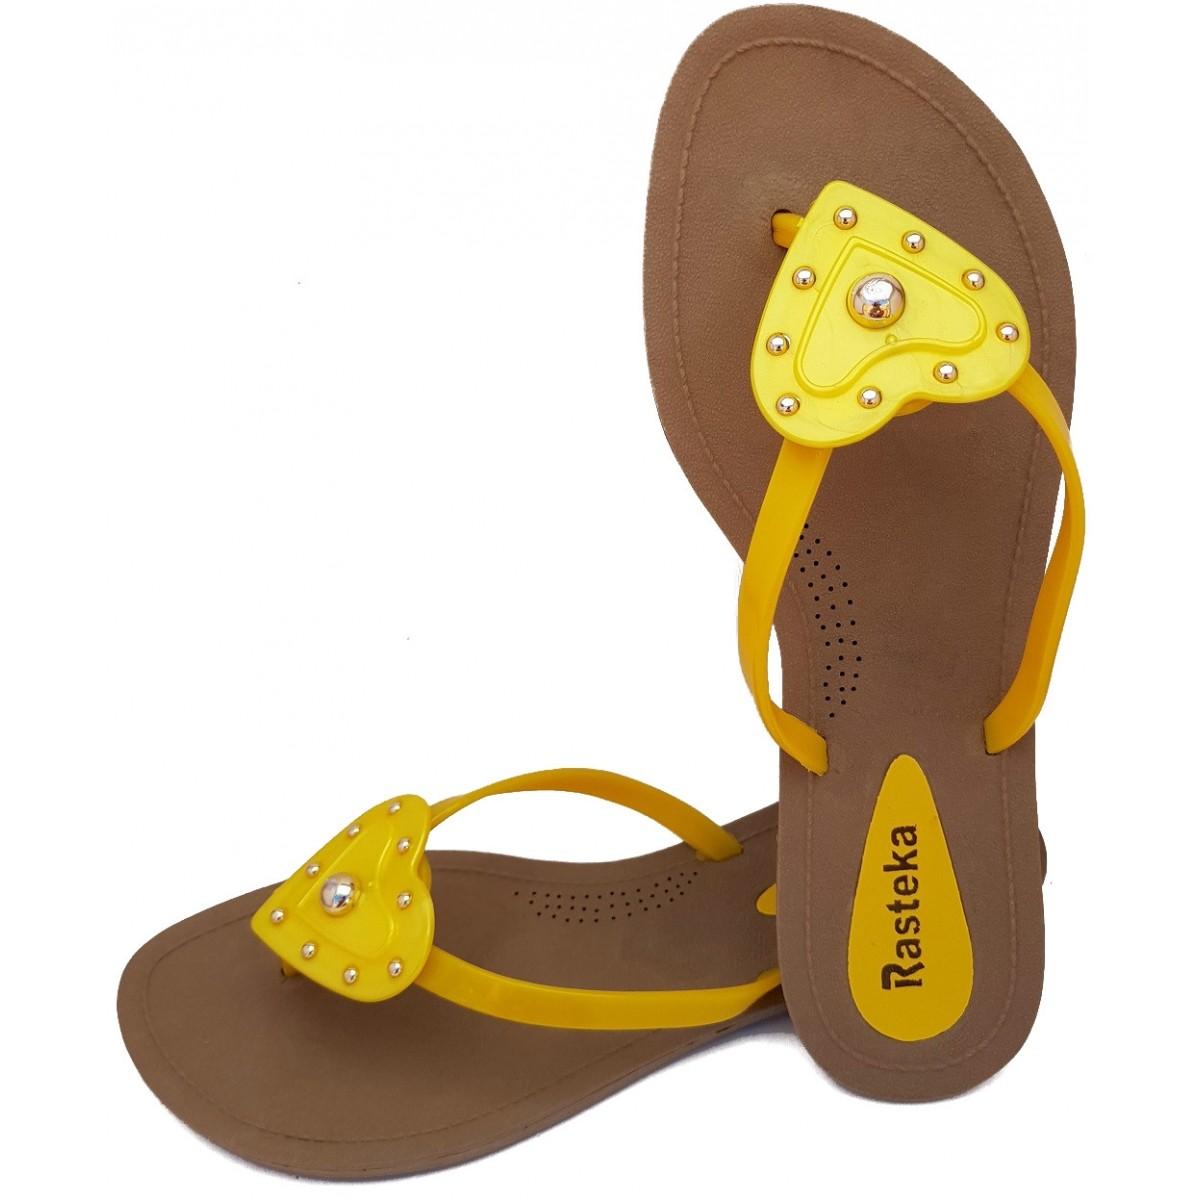 Sandália Rasteira Rasteka Super Confortável - Coração Amarelo com Prata, Solado Bege e Tiras Amarelas  - ShopNoroeste.com.br